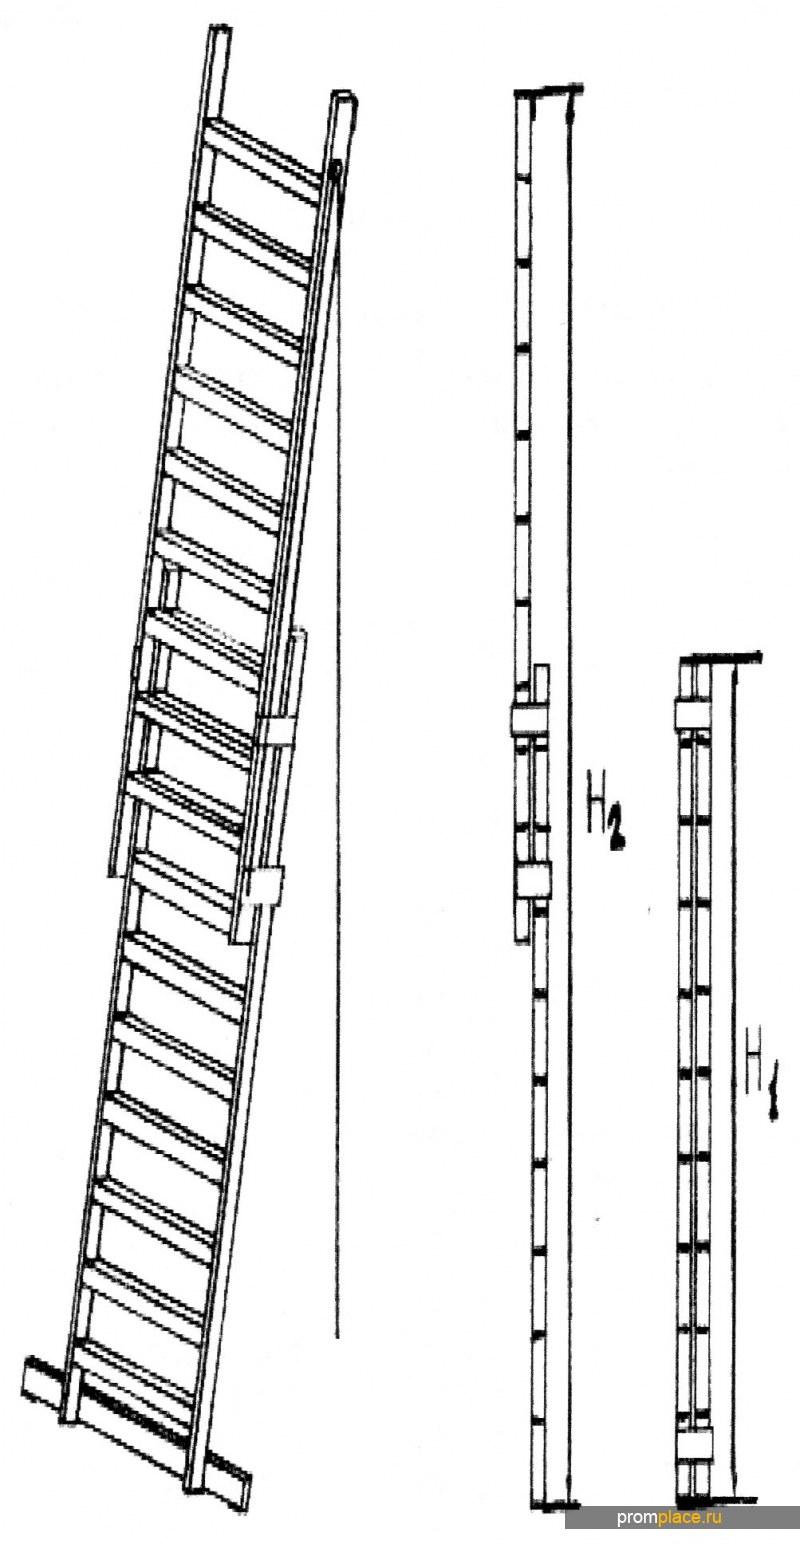 Лестница приставная выдвижная (телескопическая) на канатной тяге. Алюминиевая сварная. Рабочая высота: 4.0 m - 10,0 m